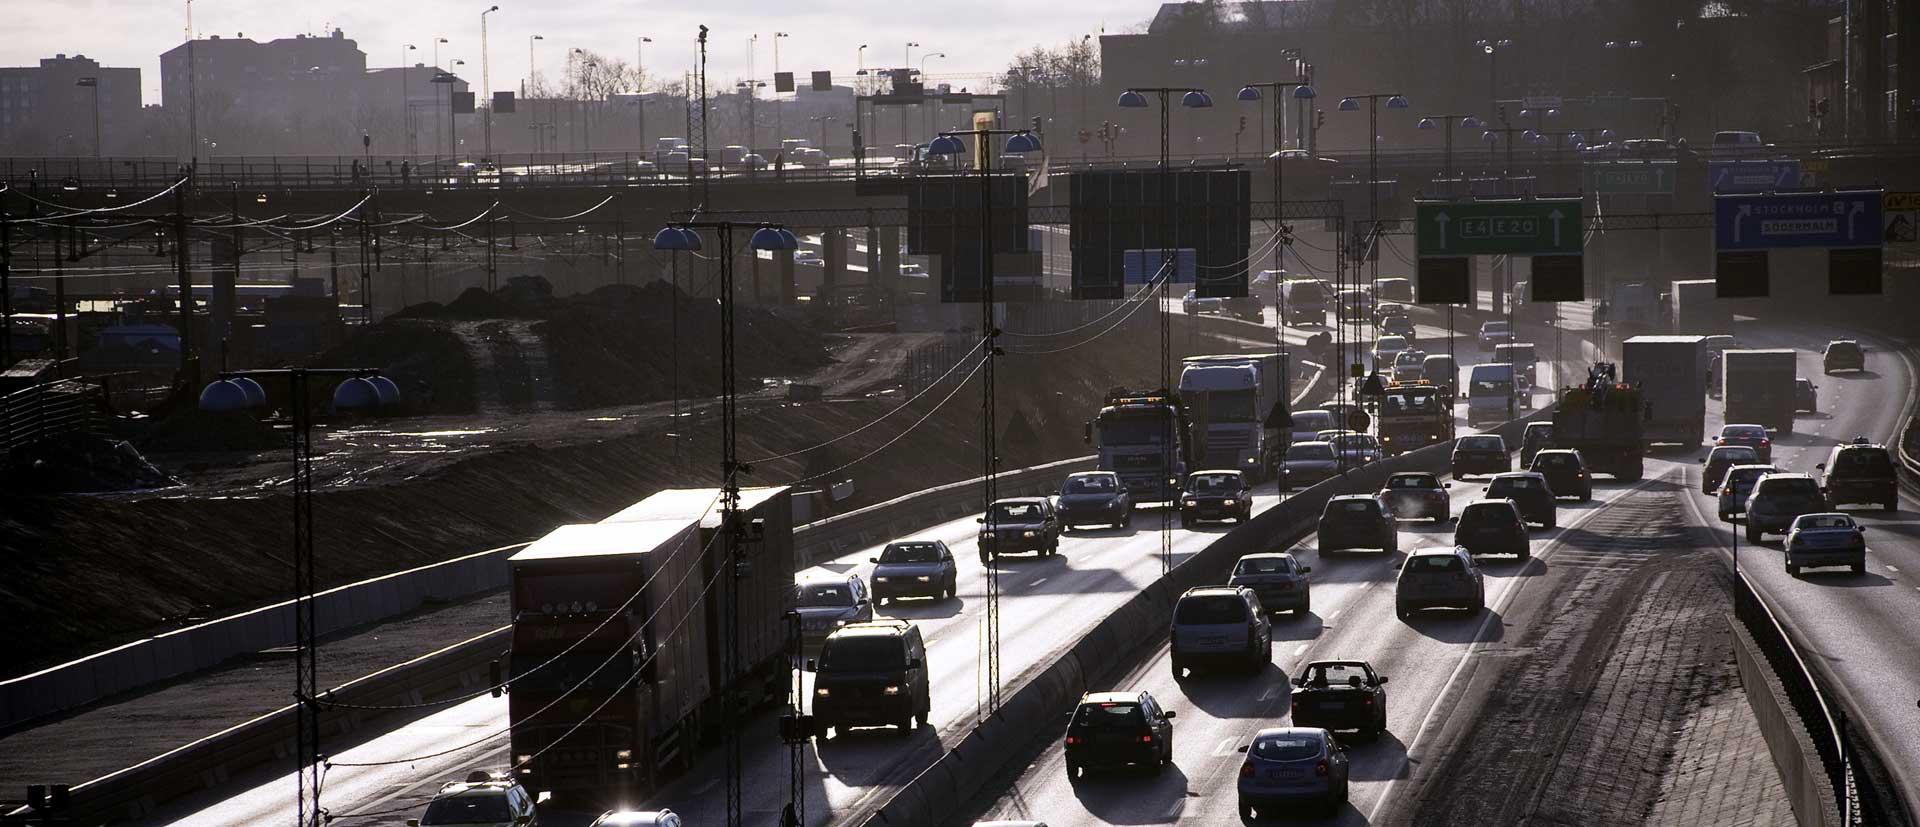 Όραμα Μηδέν: Μονόδρομος για να μην έχουμε νεκρούς στους δρόμους